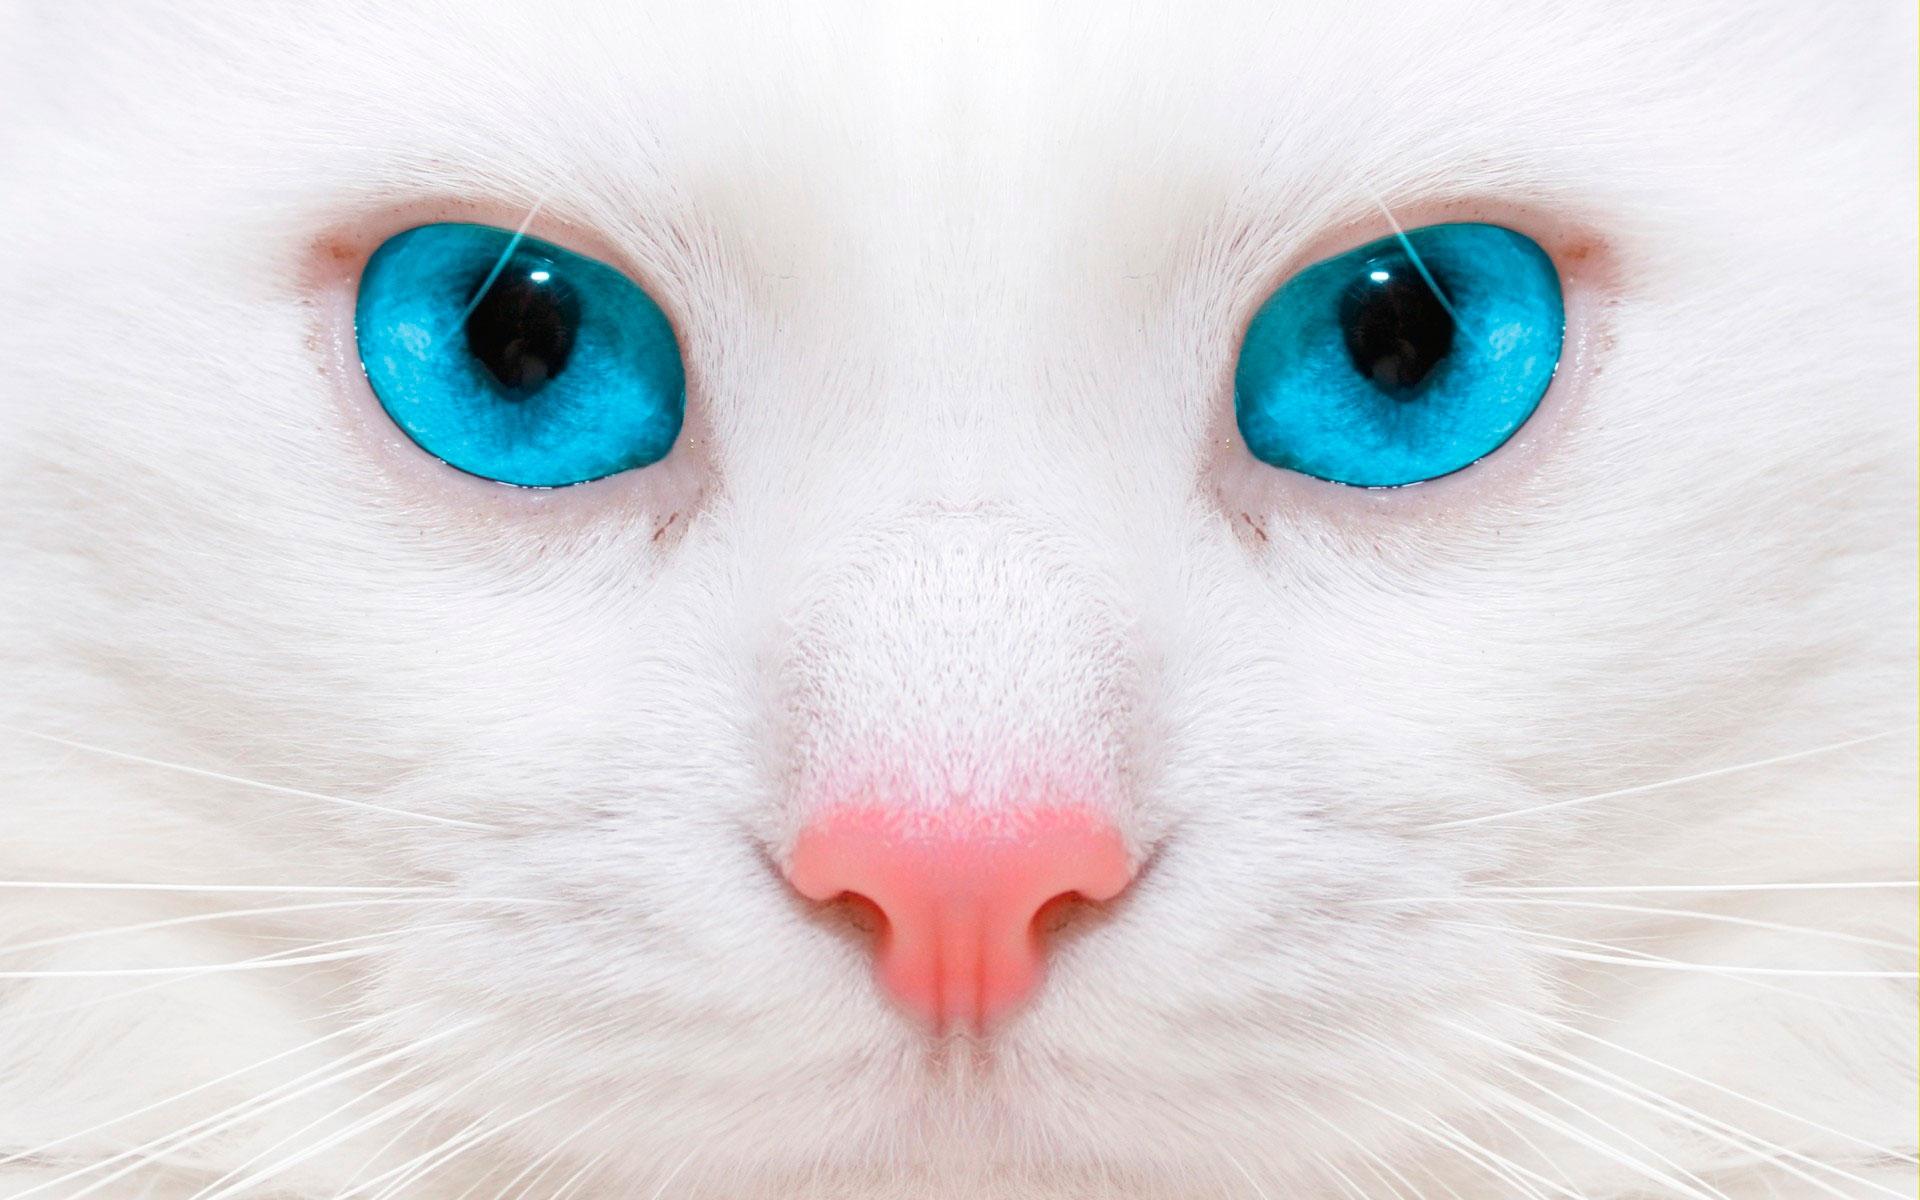 Скачать бесплатно картинки котят на телефон   лучшие заставки (8)